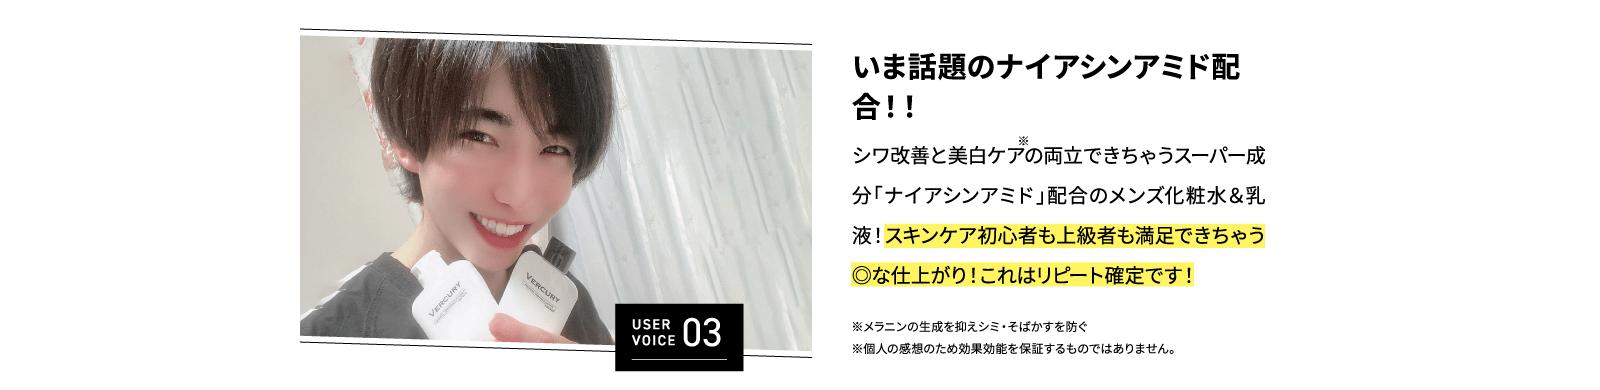 USERVOICE03